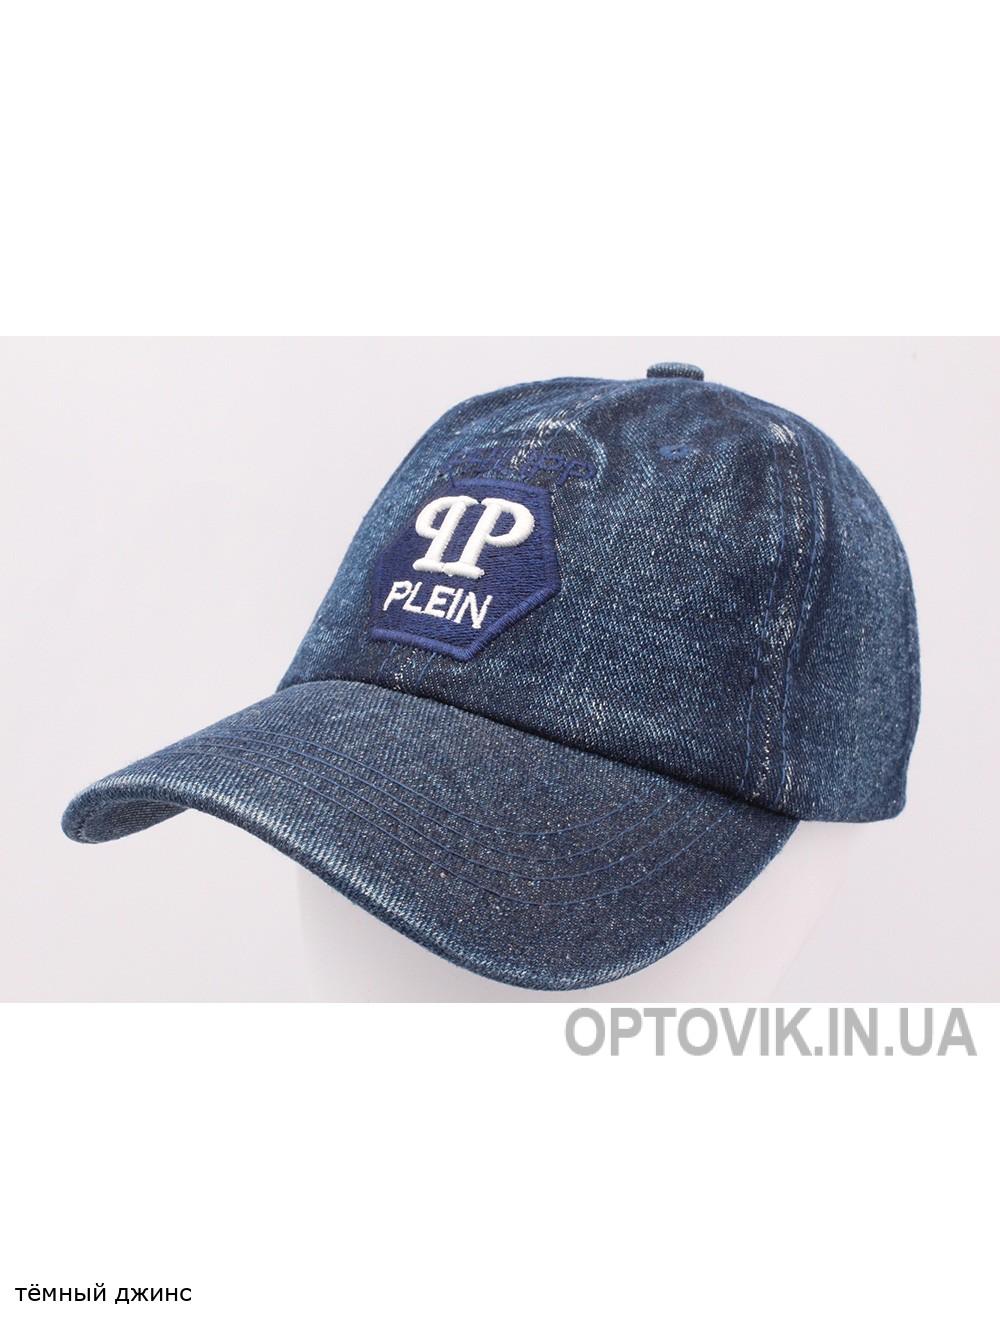 Джинсовая - cc081122-50-52